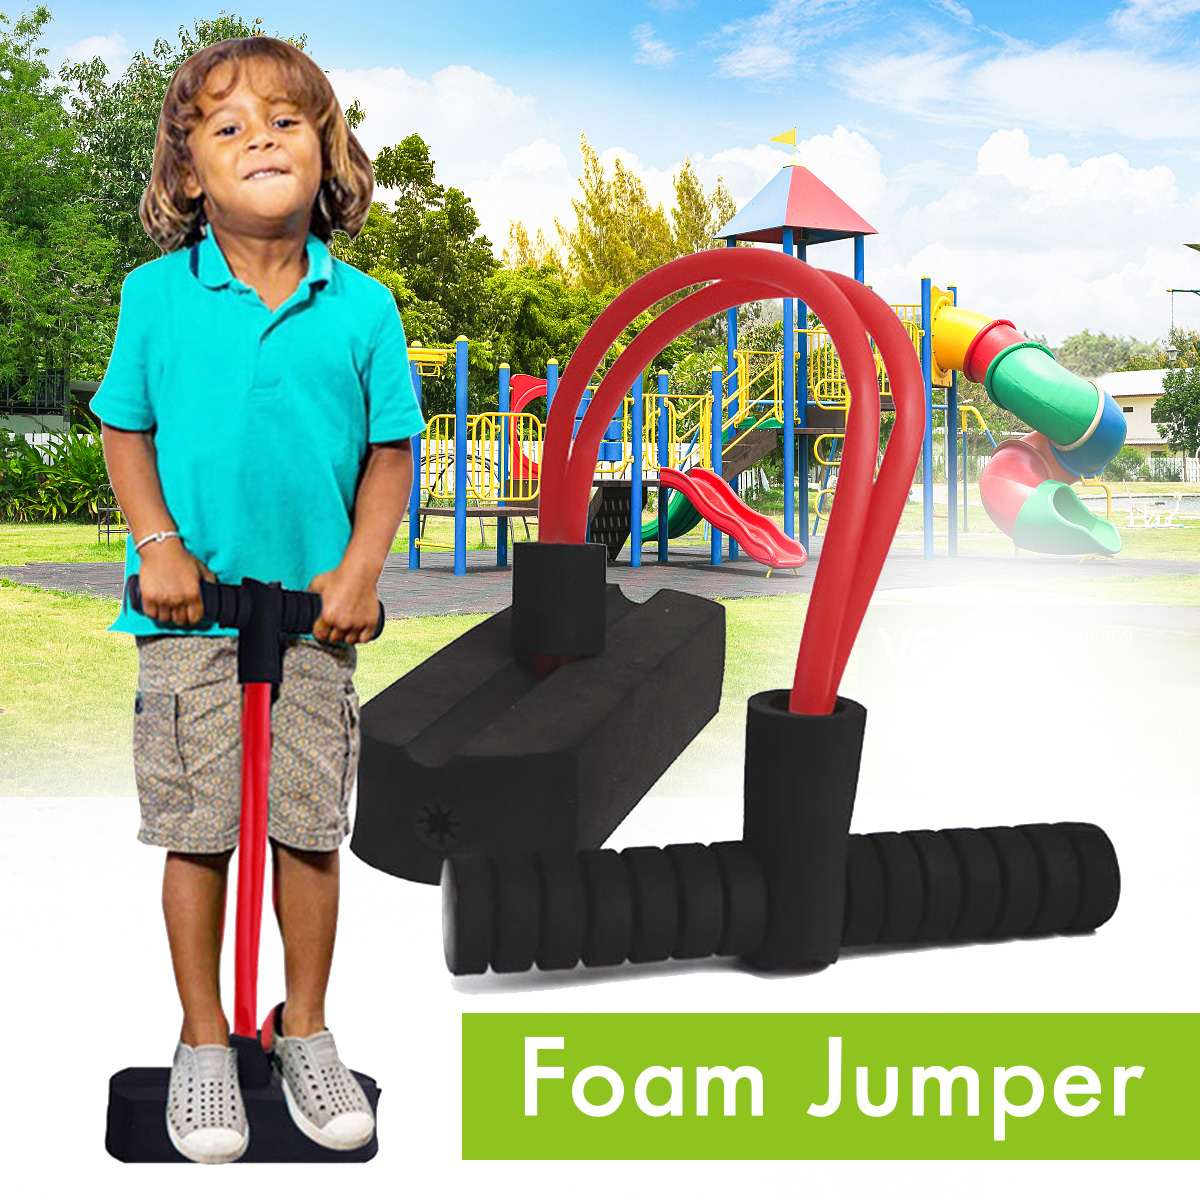 Kangaroo Jumping Vara de Pogo Jumper de Espuma Espuma Vara Fora Esporte Brinquedos Ao Ar Livre Indoor Games For Kids Crianças Equipamentos de Fitness